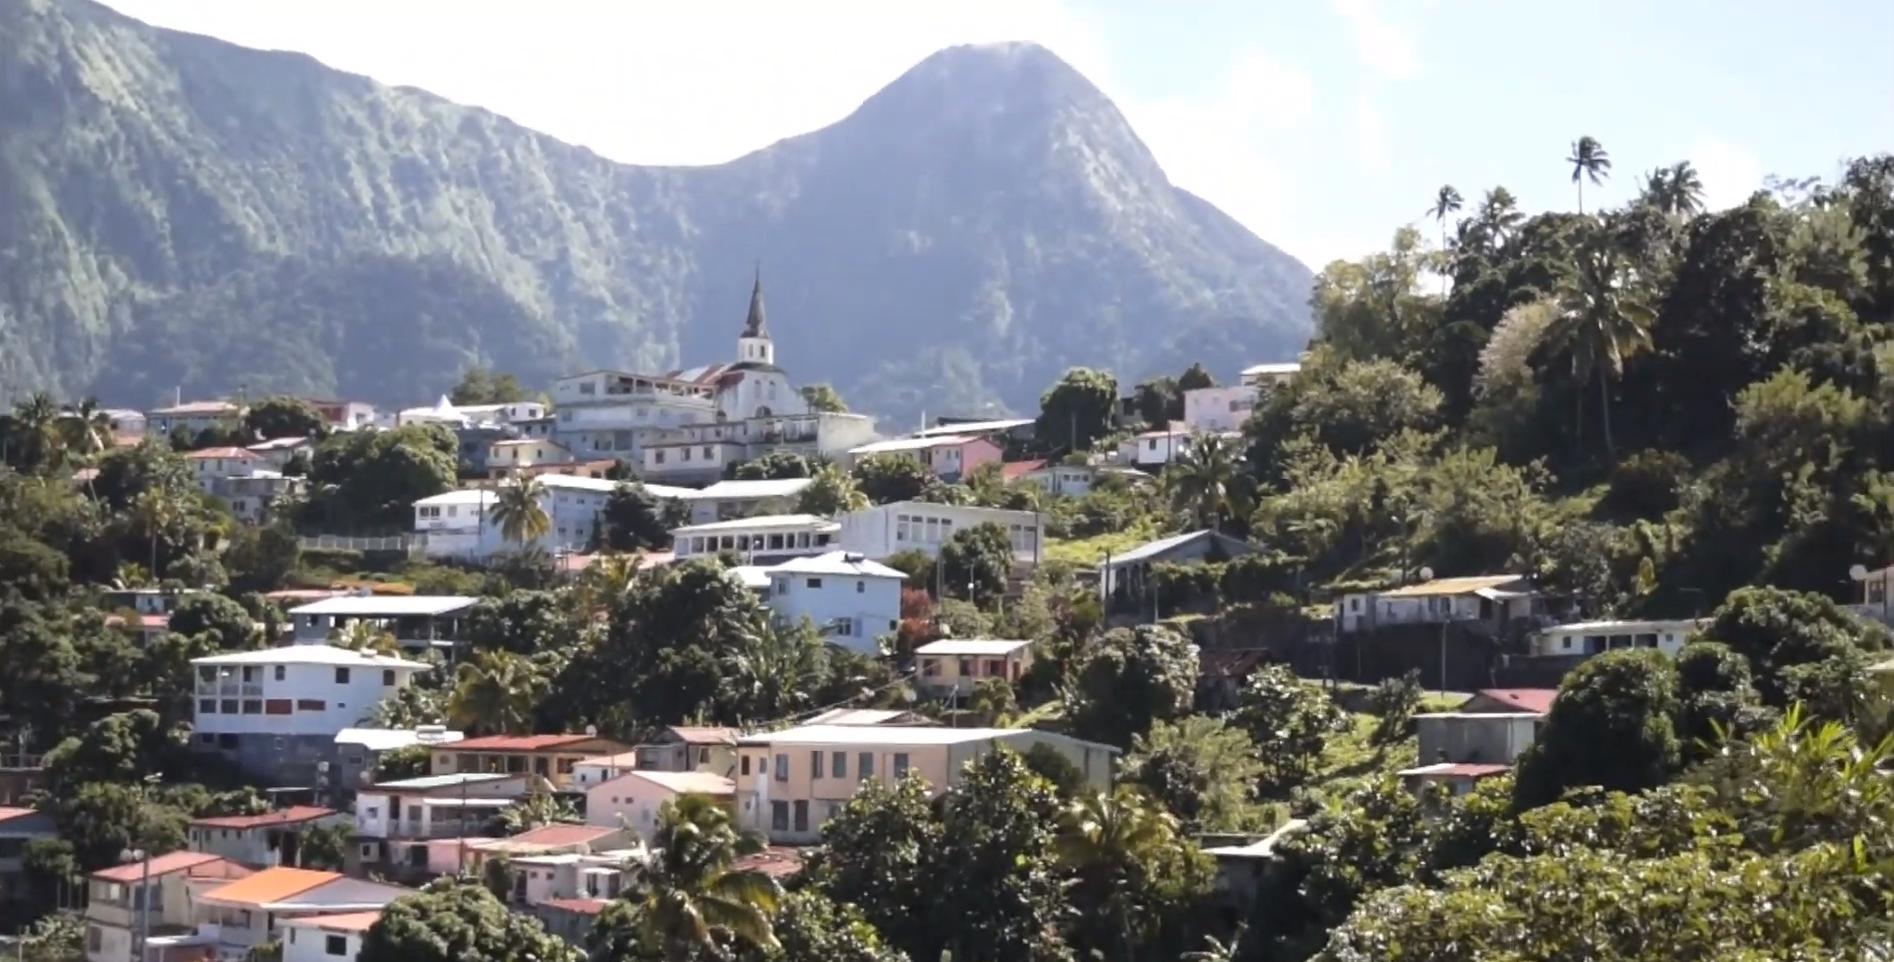 La ville du Morne-Vert condamnée pour la construction illégale d'une route sur une propriété privée